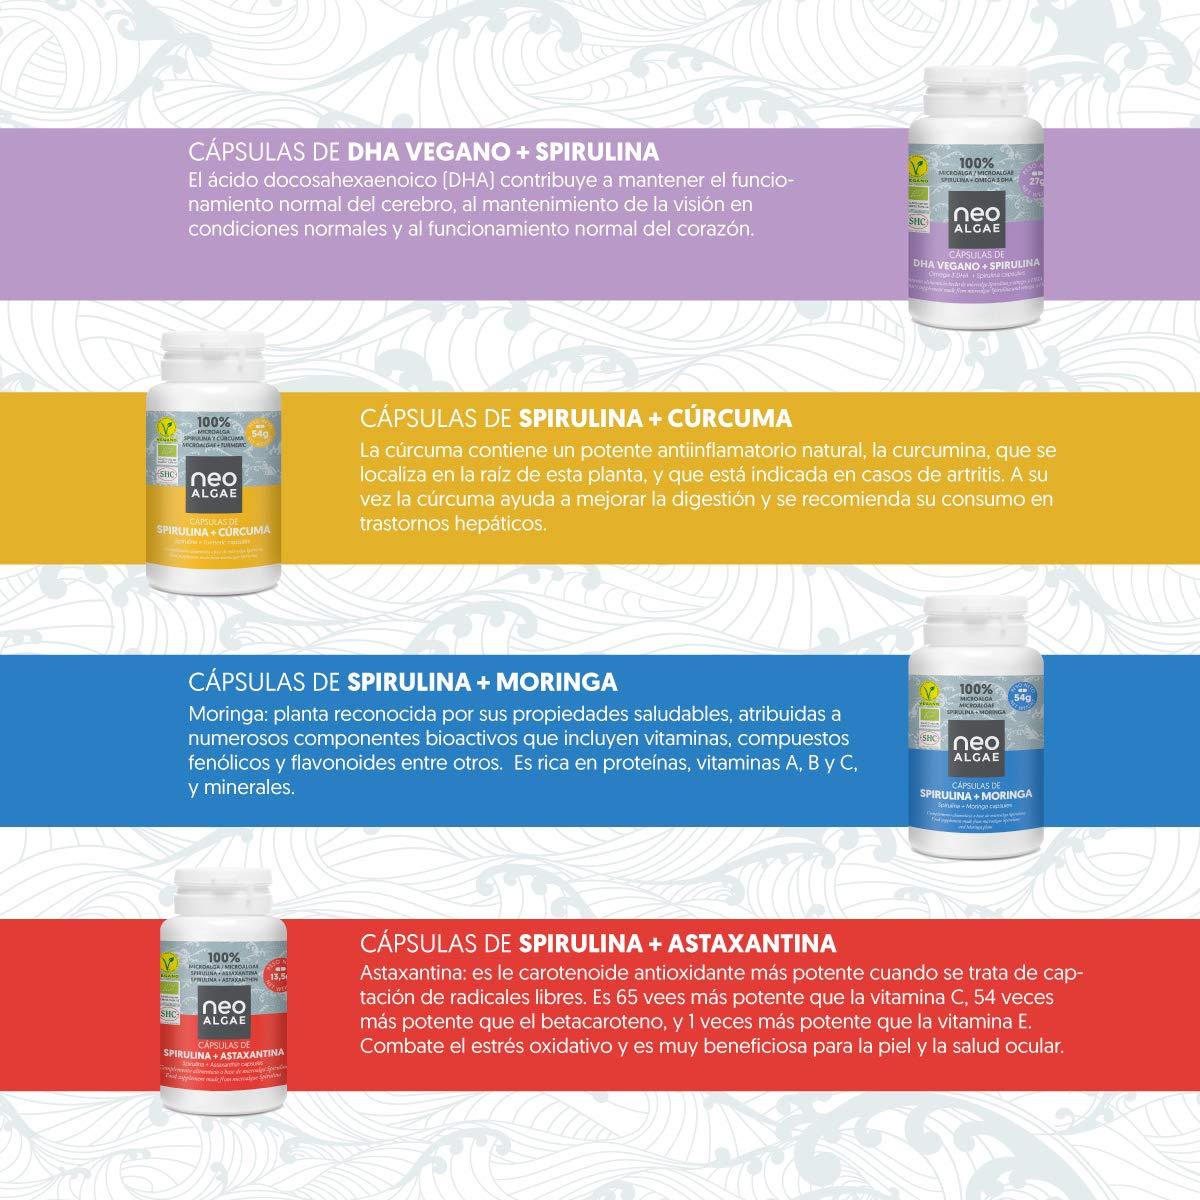 ... 100% Orgánica y Natural | Potente Complejo Antioxidante | 350 mg por Cápsula | 30 Cápsulas por Envase | Neoalgae: Amazon.es: Alimentación y bebidas